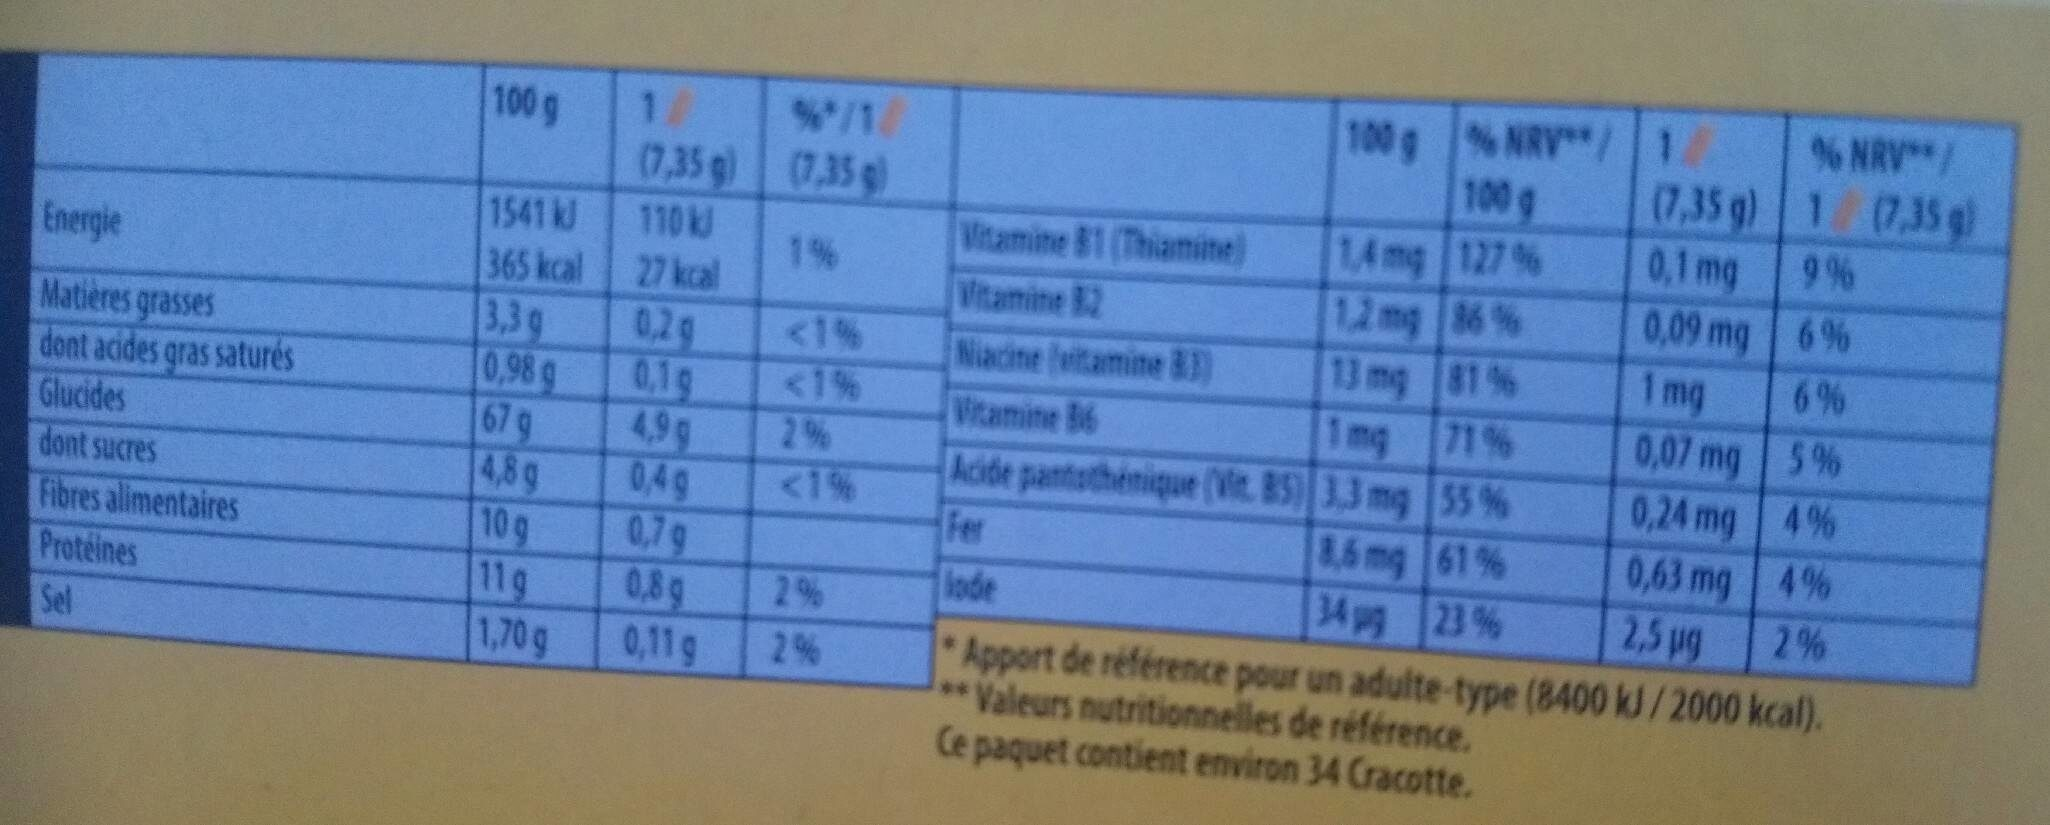 Cracottes fibres blé et seigle complets - Informations nutritionnelles - fr